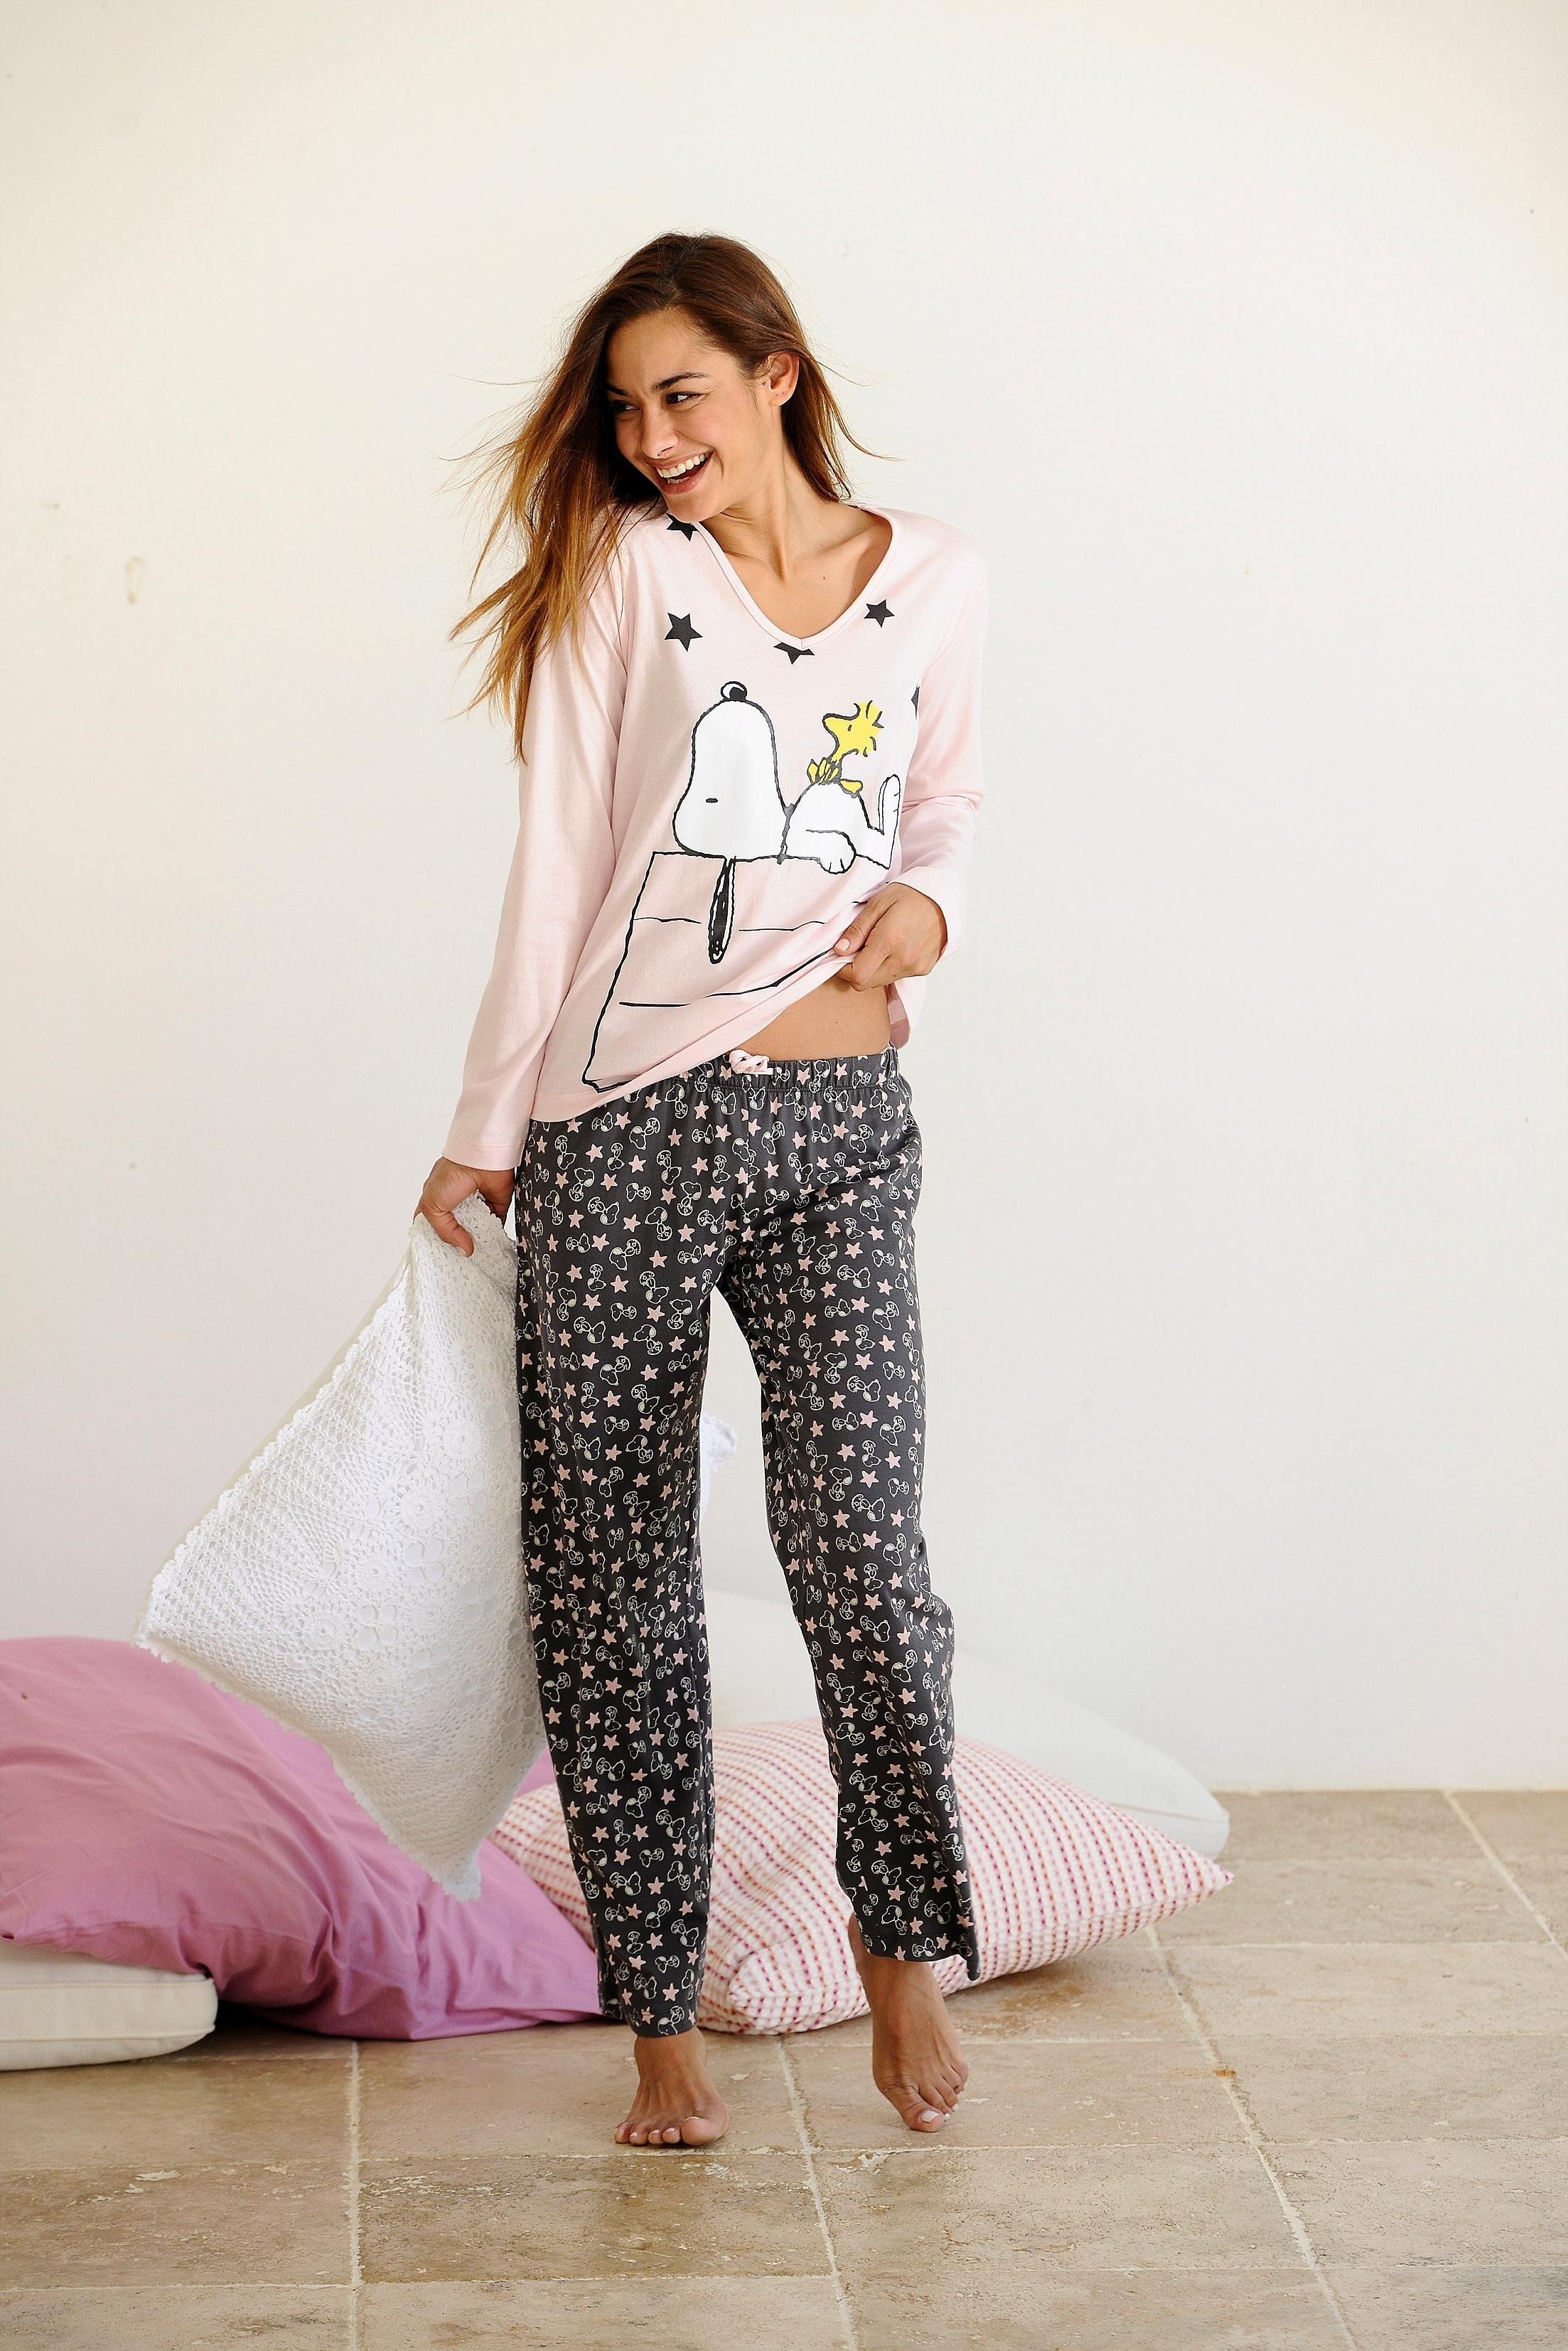 Peanuts lange pyjama met schattig snoopy dessin online shop otto - Snoopy dessin ...